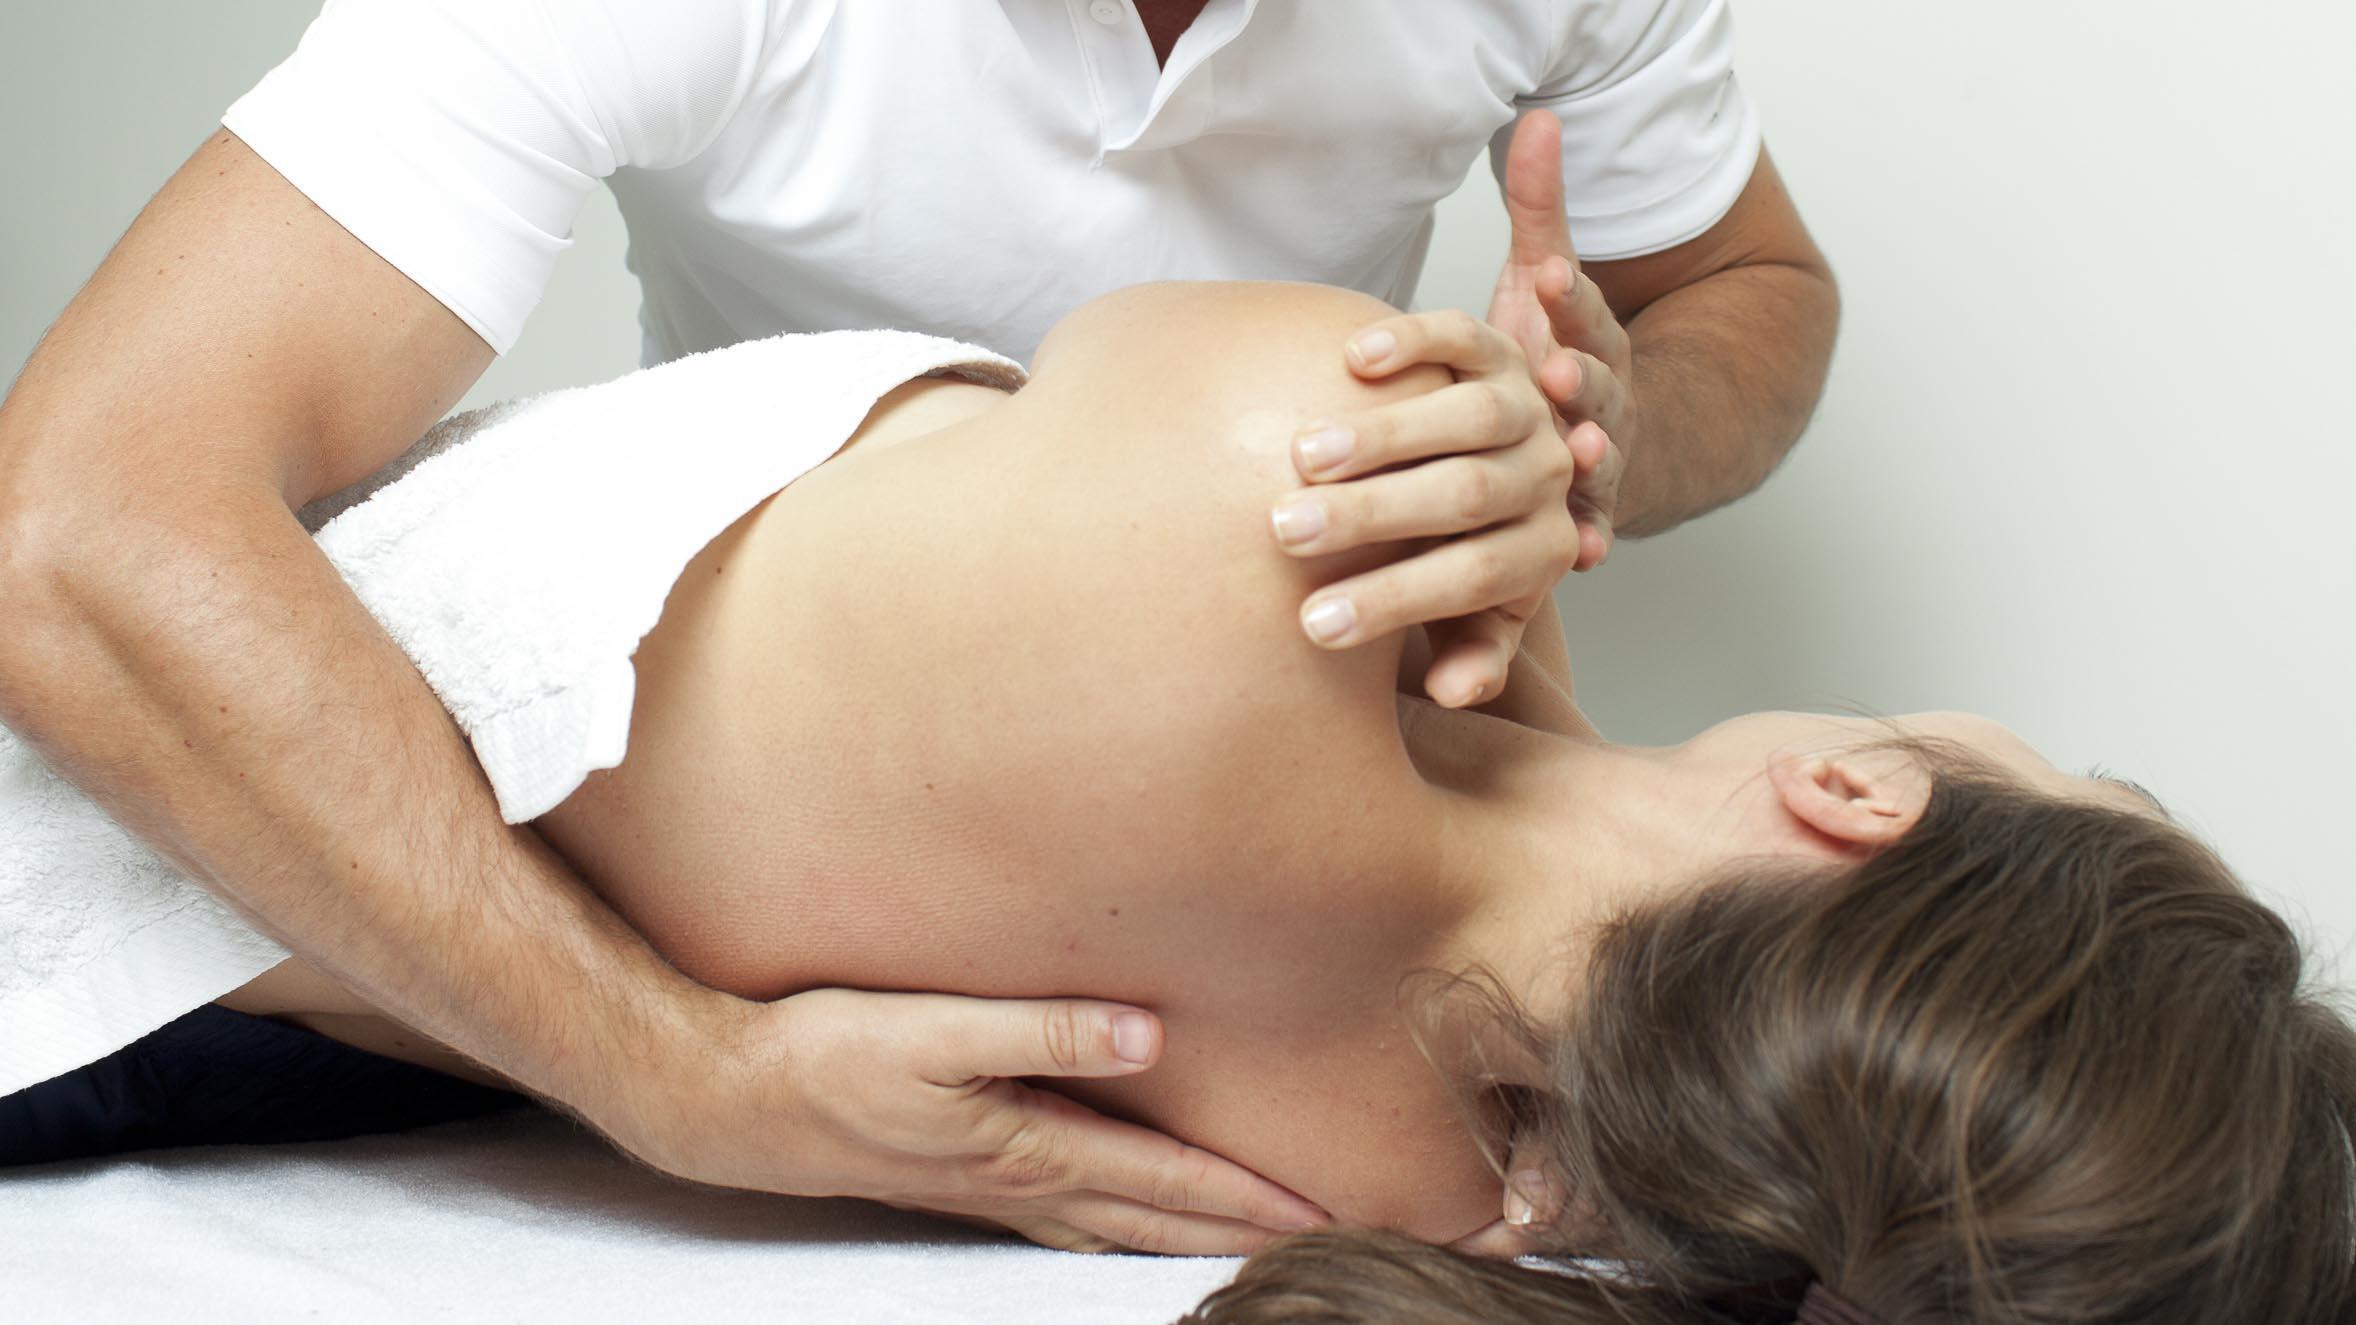 La osteopatía puede aliviar algunos dolores de espalda, es una técnica suave que busca restaurar la movilidad del cuerpo.